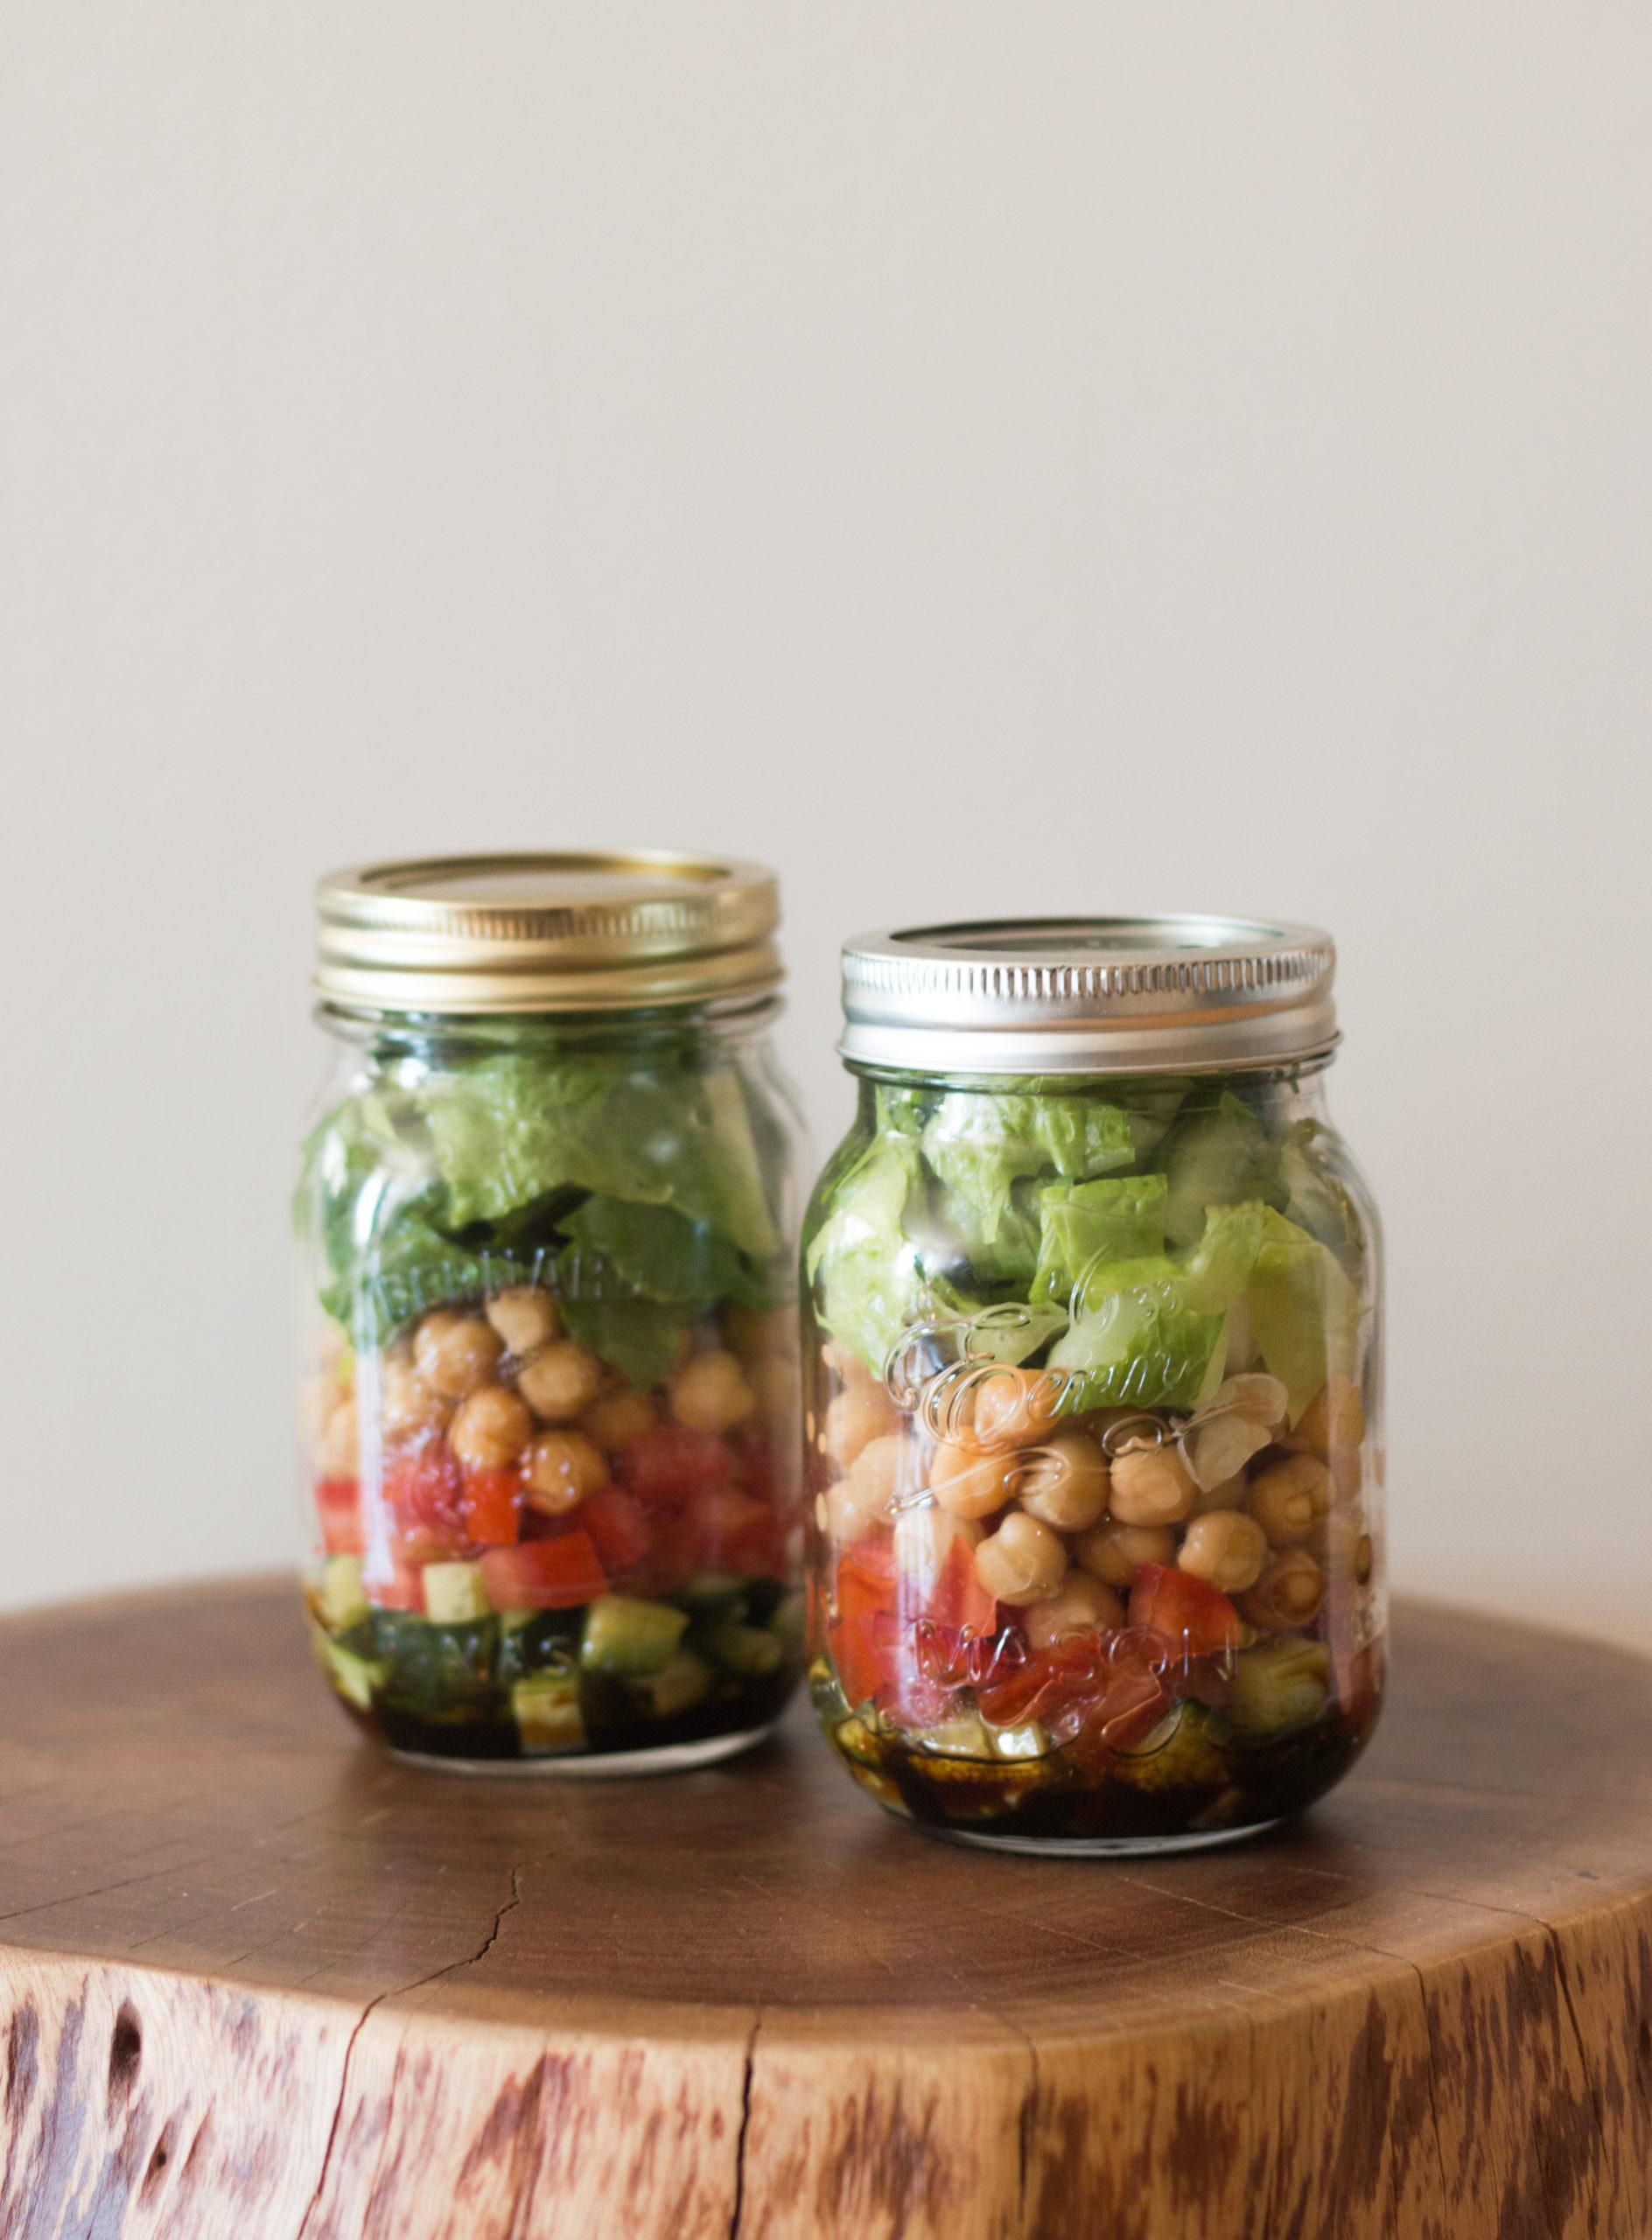 Mason Jar Chickpea Salad